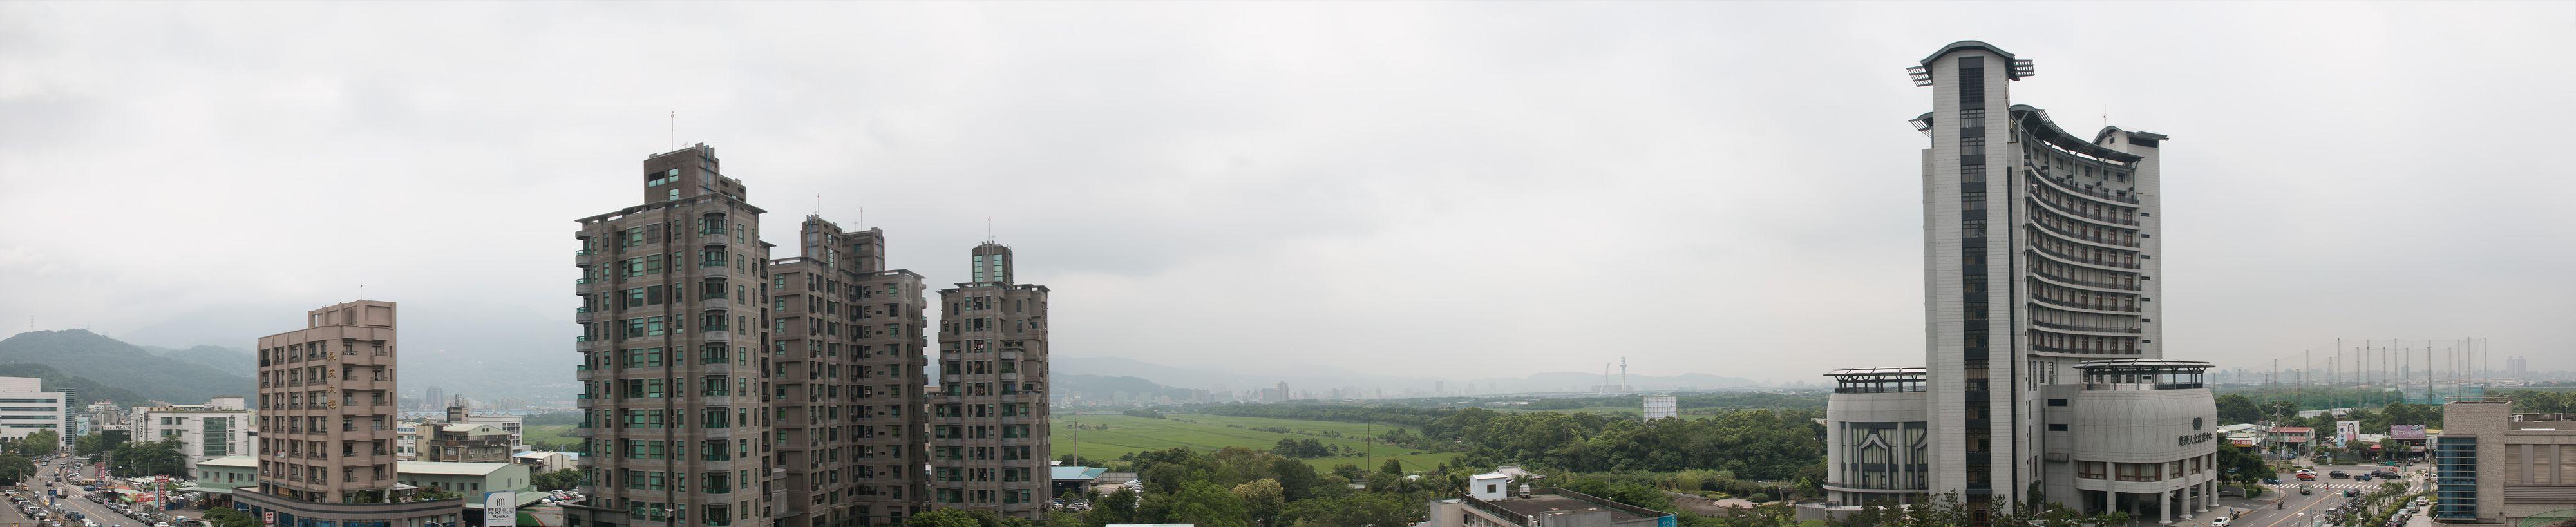 På balkongen utenfor bassenget har Asus' designere og ingeniører en panoramautsikt over et av Taipeis naturreservater.Foto: Varg Aamo, Hardware.no